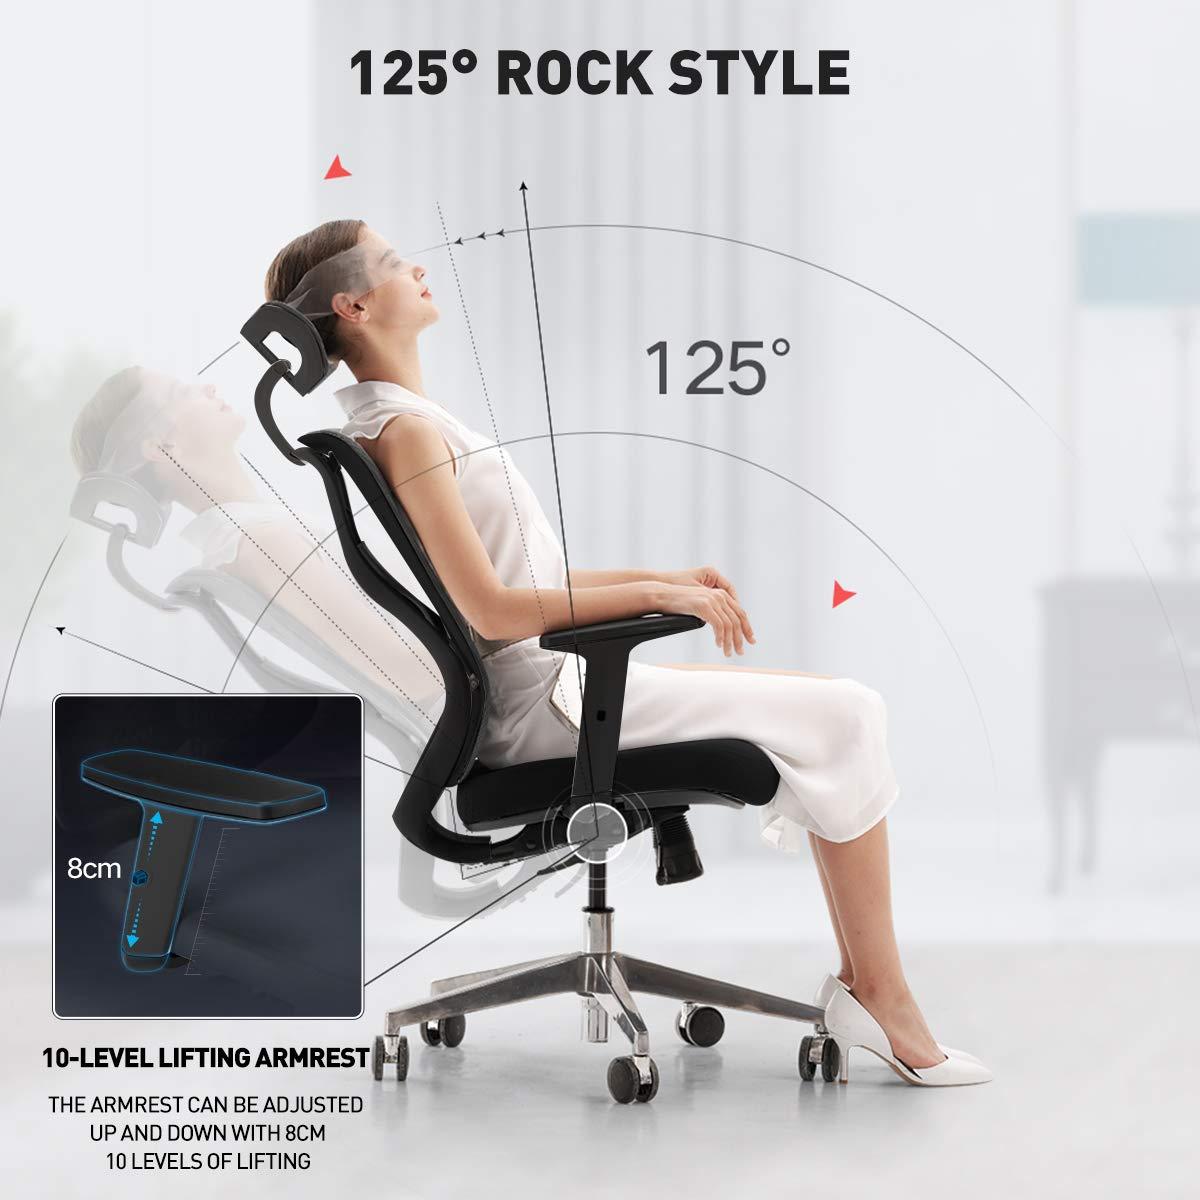 Hbada Ergonomisk kontorsstol med ryggstöd, justerbart nackstöd säte cusion och armstöd, andningsbar nät hög rygg, justerbar datorstol, svart Svart